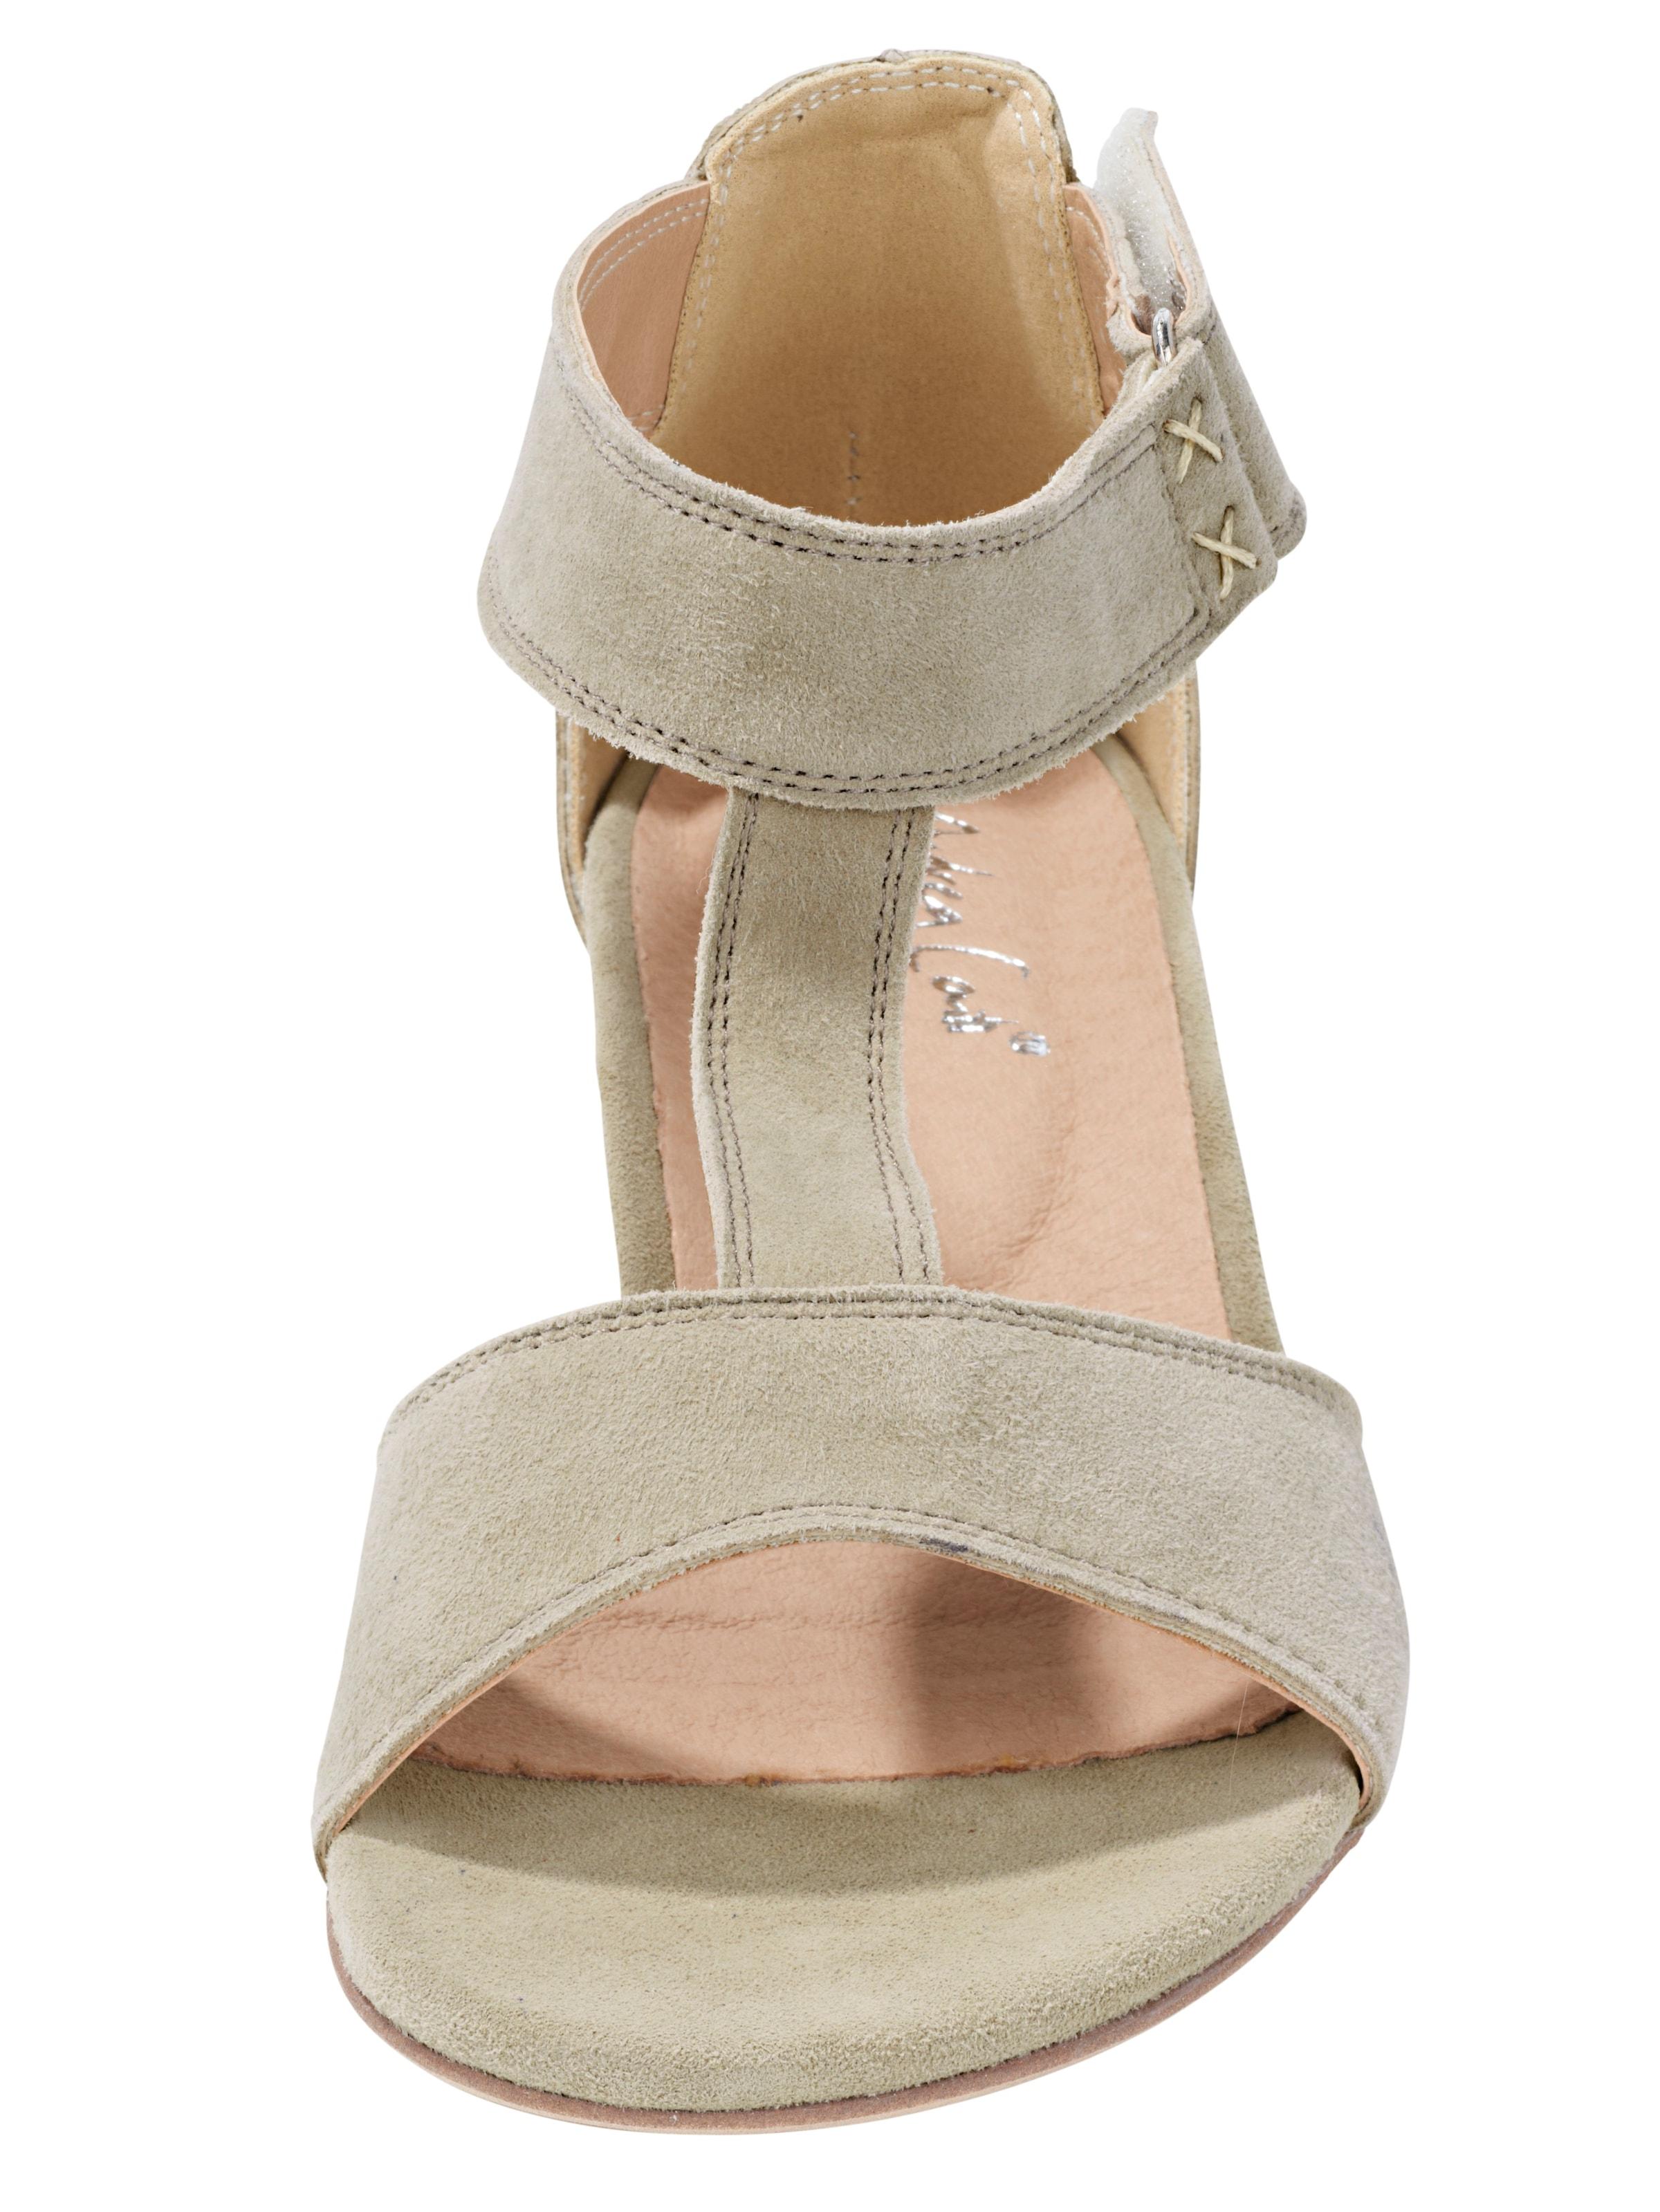 Verkauf Online-Shop Günstig Kaufen Offizielle Seite ANDREA CONTI Sandalette Zahlen Mit Paypal Günstig Online HDUG2DK